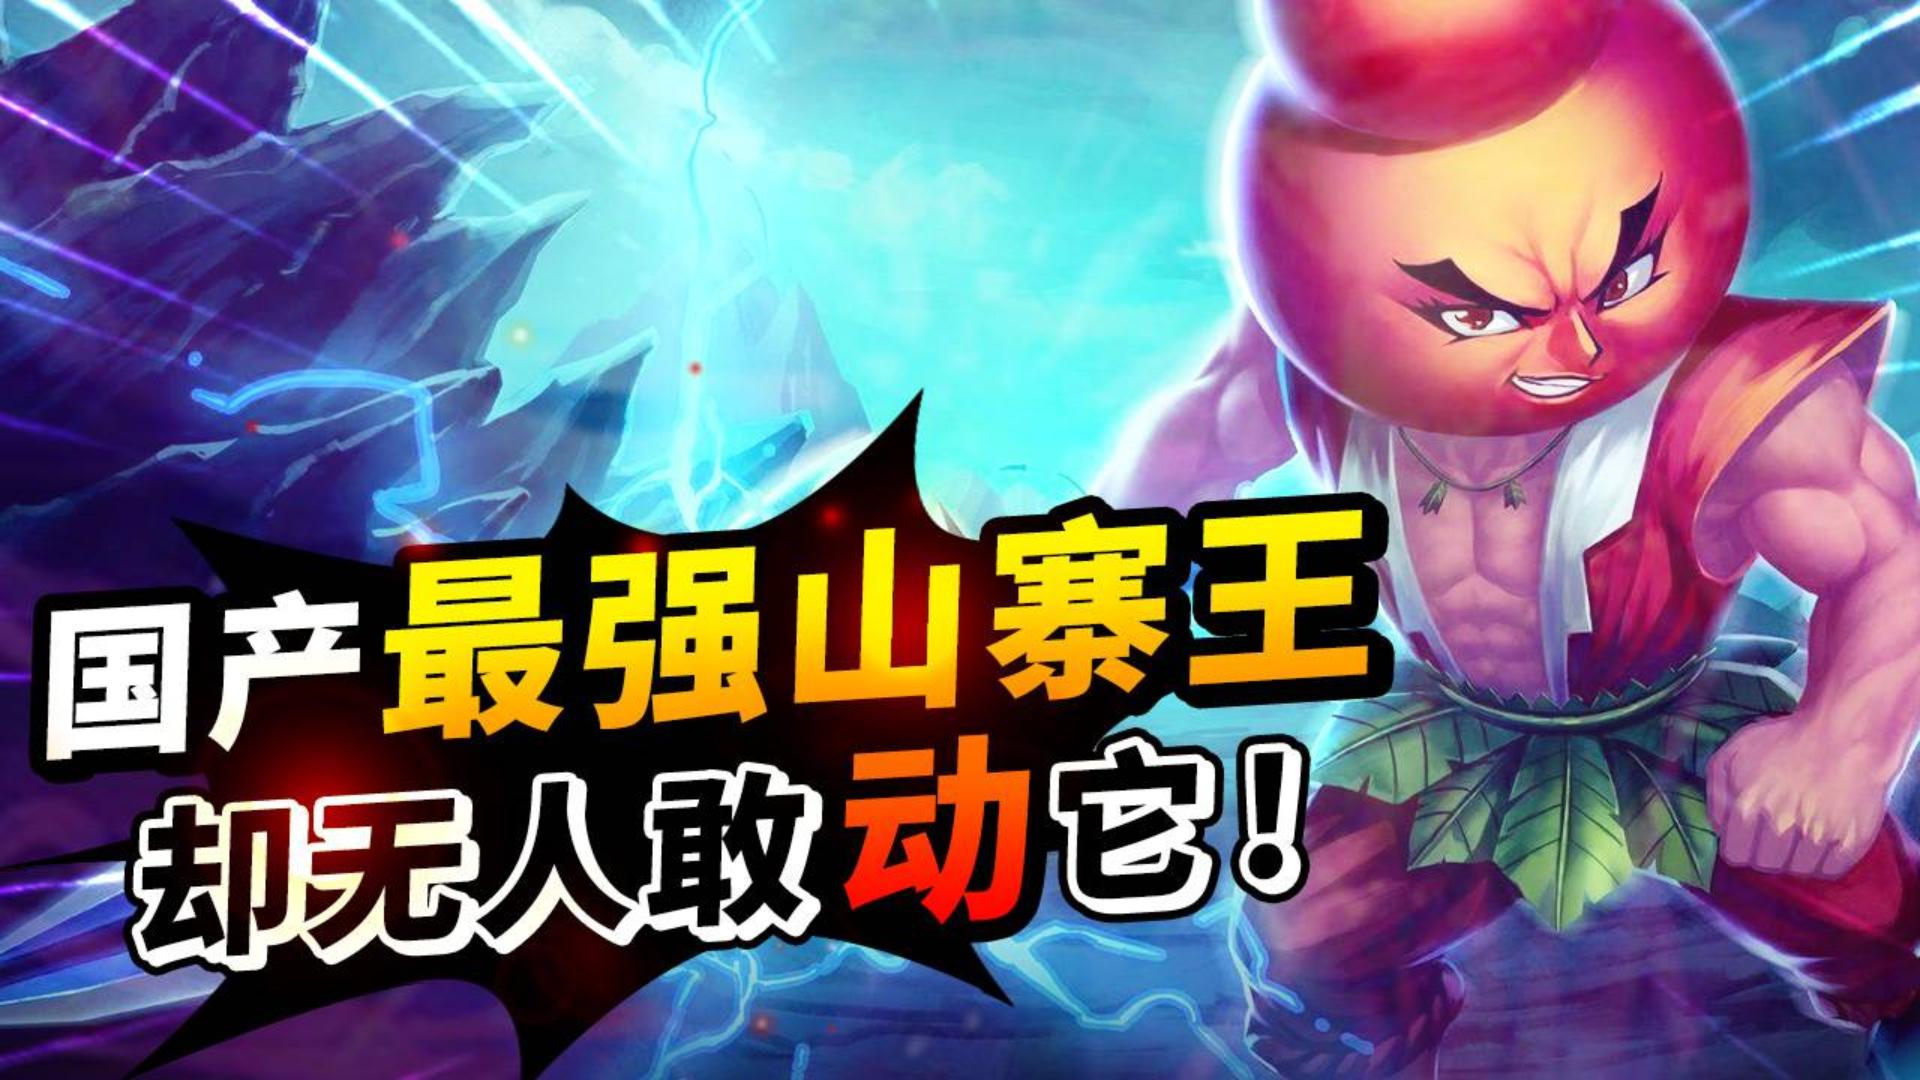 中国网游史上最大流氓,抄袭300个动漫游戏,却没人敢动他!